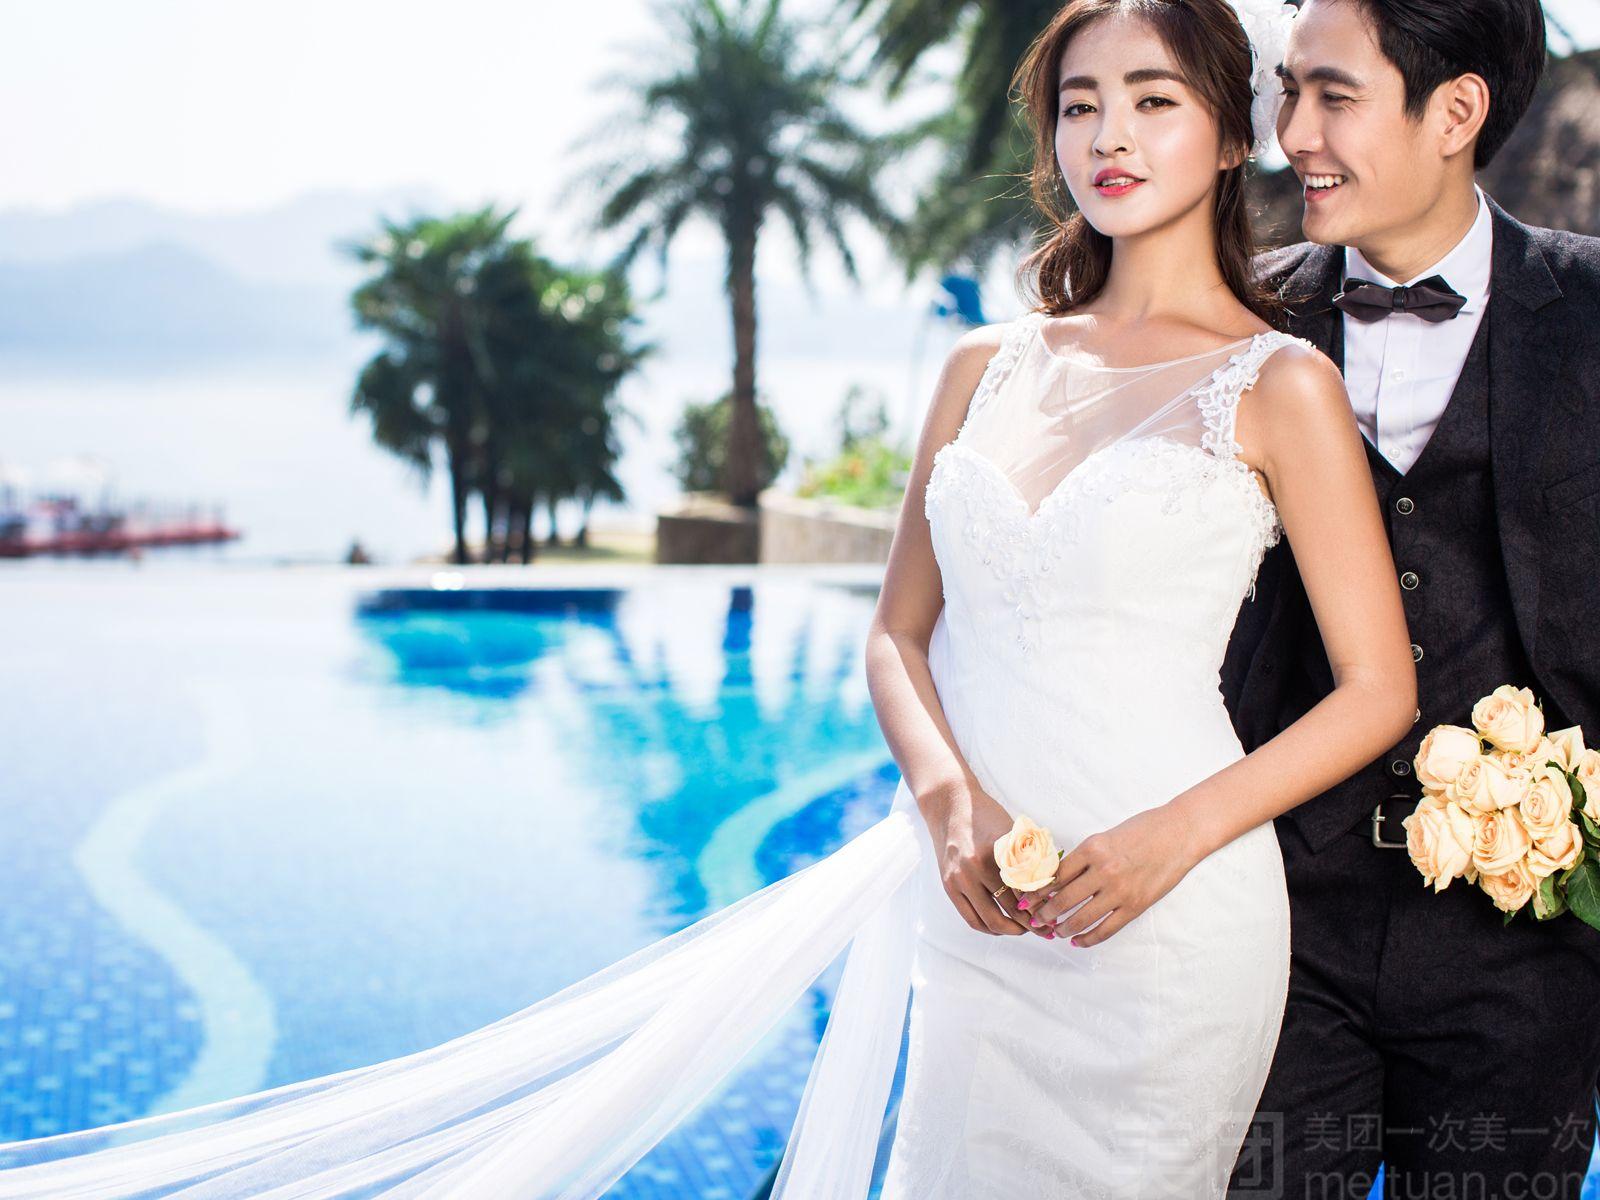 蜜途1078婚纱摄影-美团